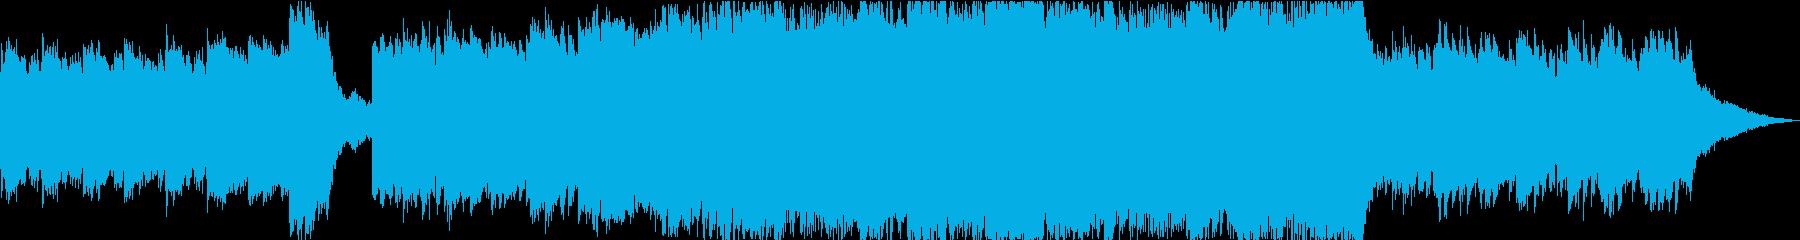 神秘的ミニマル、チルアウト、アンビエントの再生済みの波形